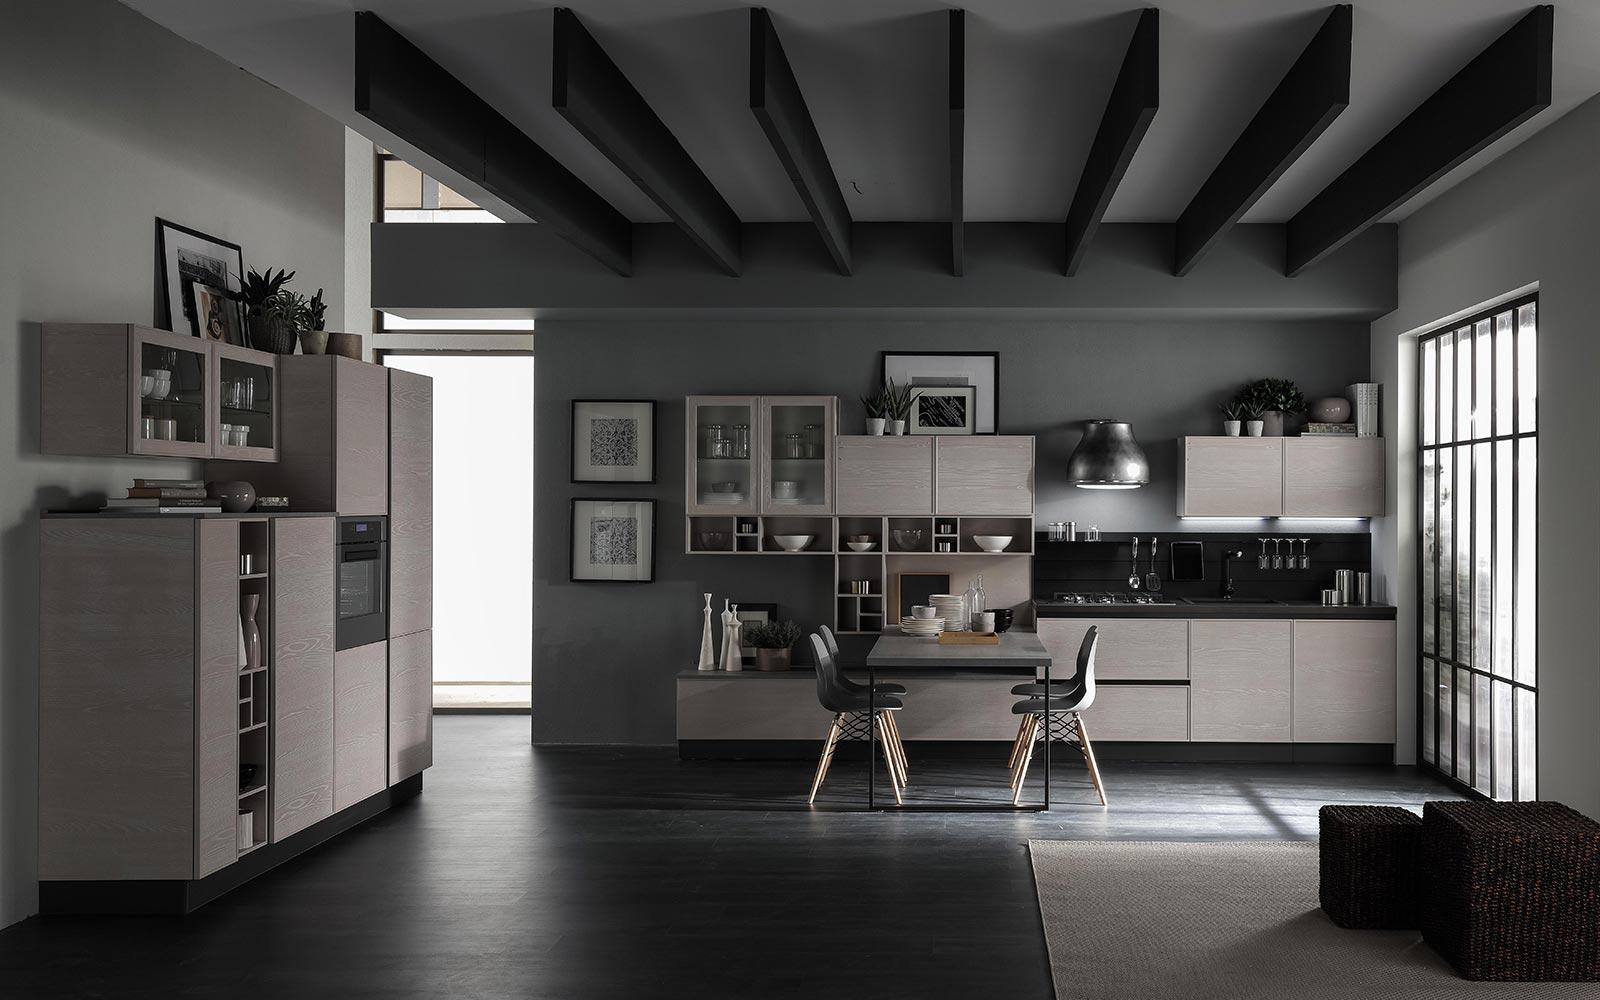 Cucina Starline dal design elegante e moderno, per chi cerca stile e utilità